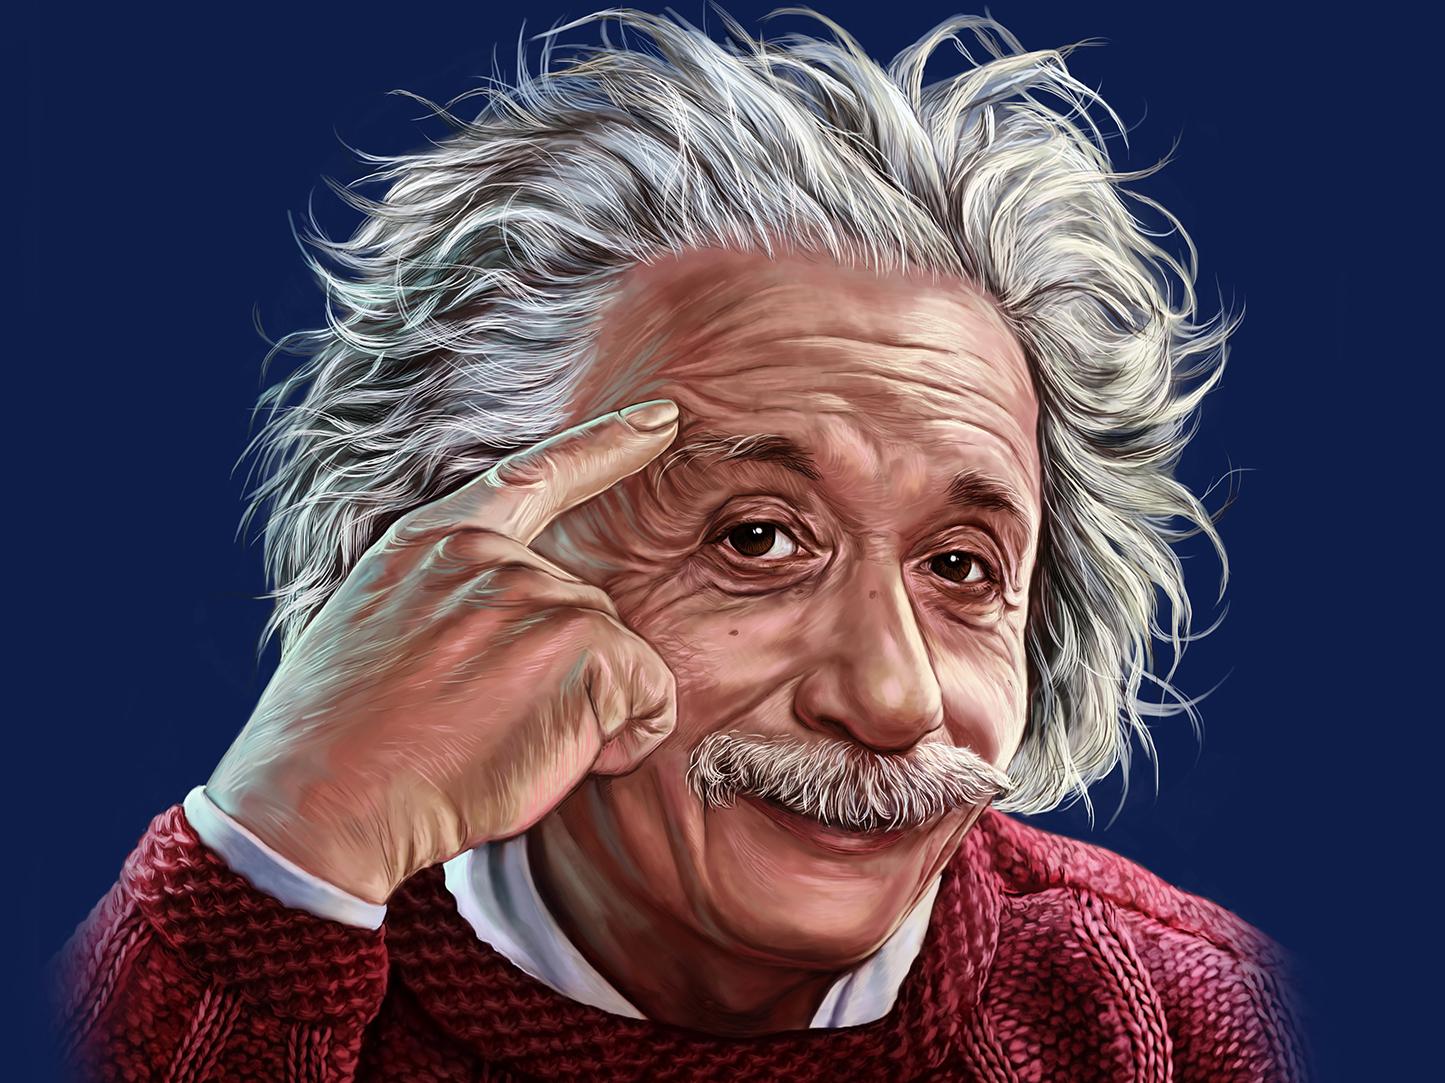 Альберт Эйнштейн - семь пядей во лбу